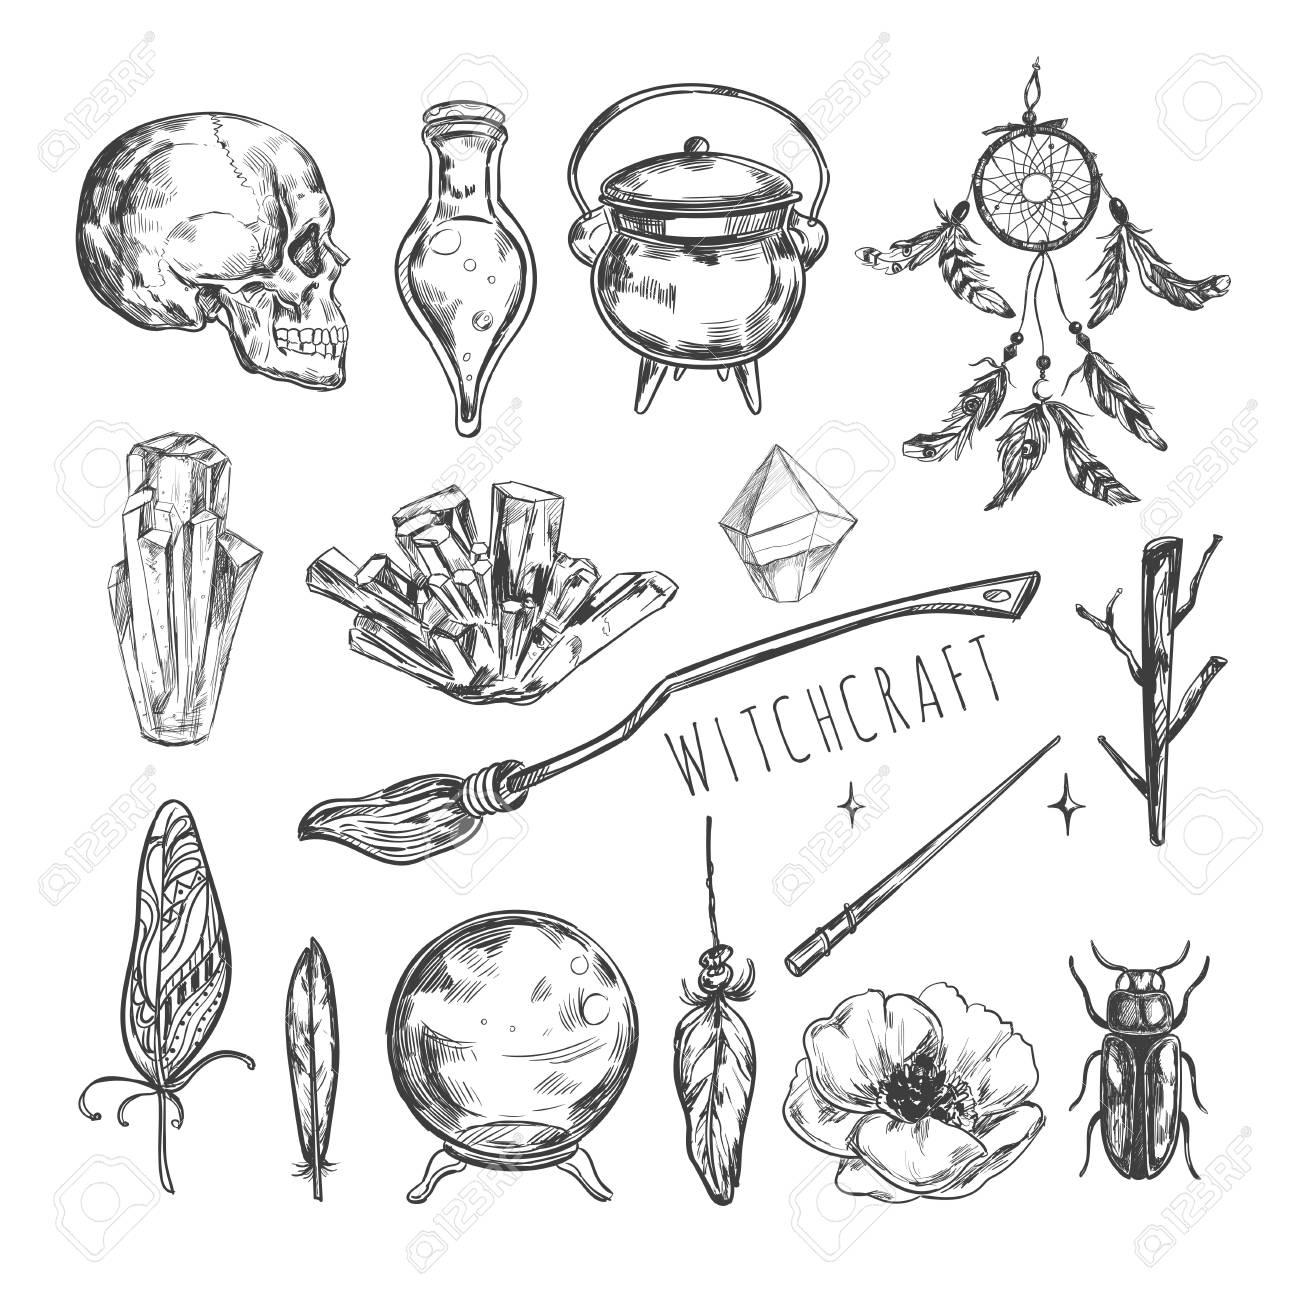 Juego Mágico Dibujado A Mano Ilustración Del Vector Hechicería